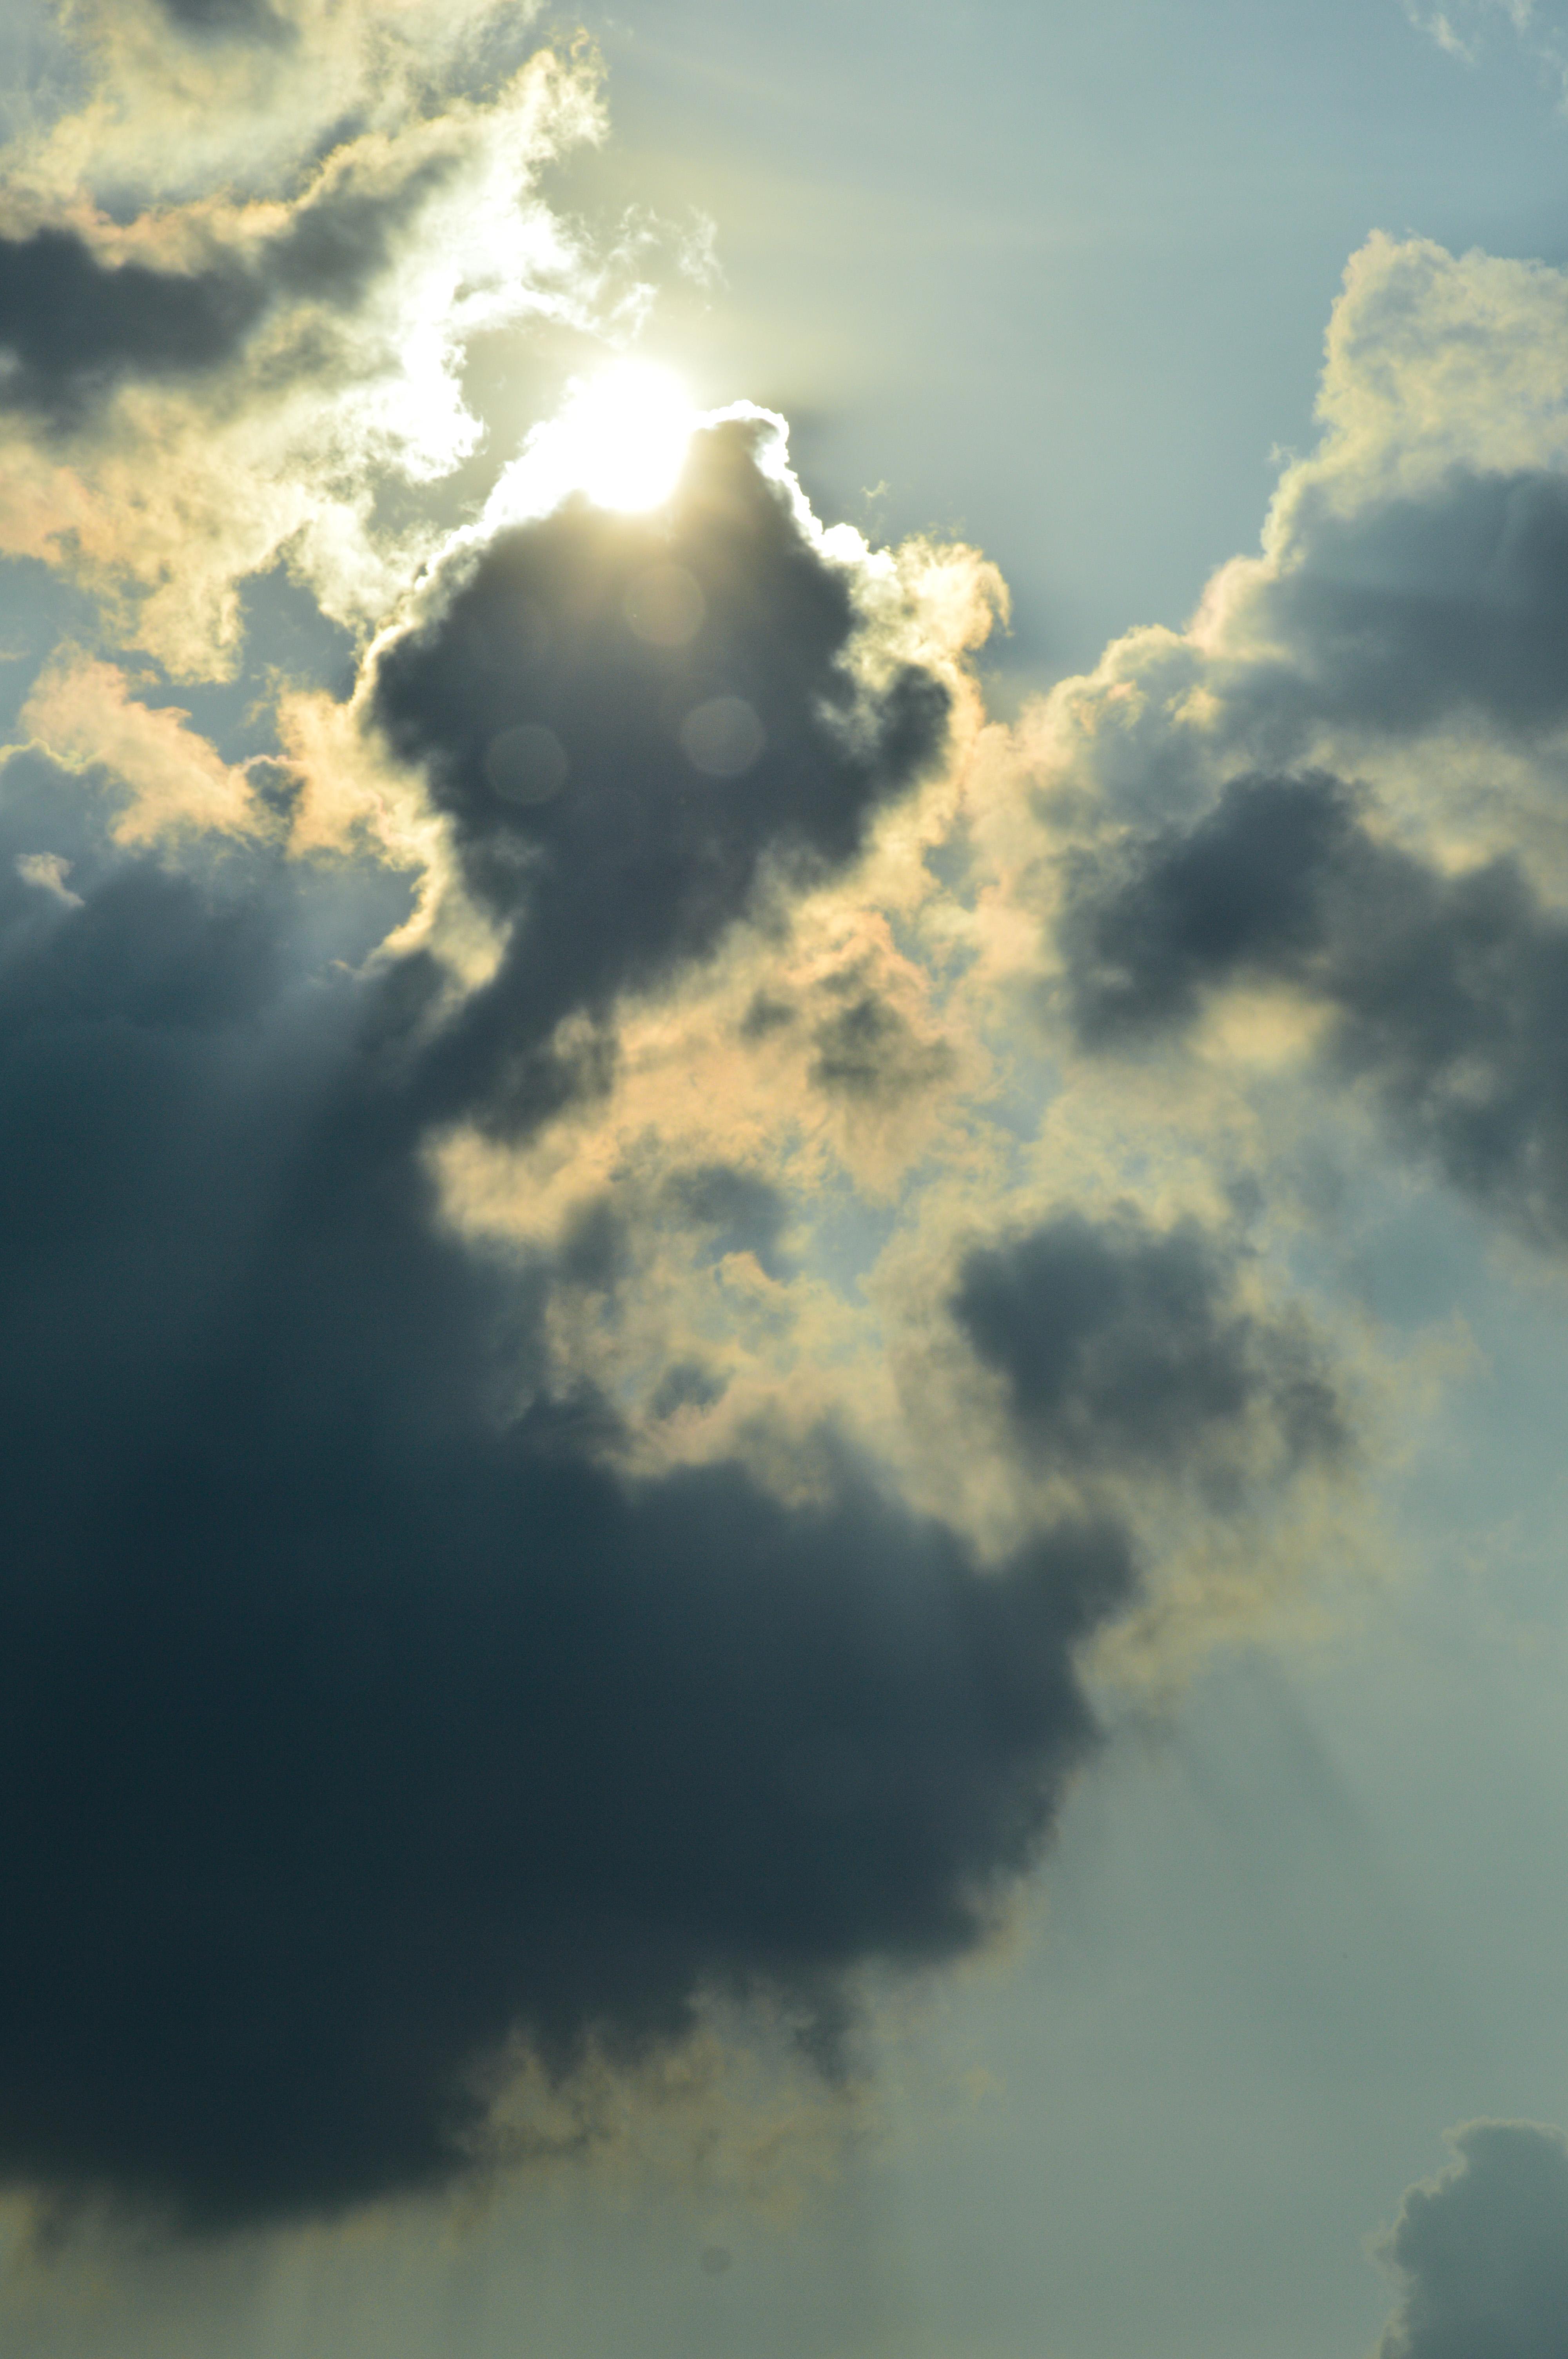 le nuvole in cielo nascondono il sole e la luna sua sorella